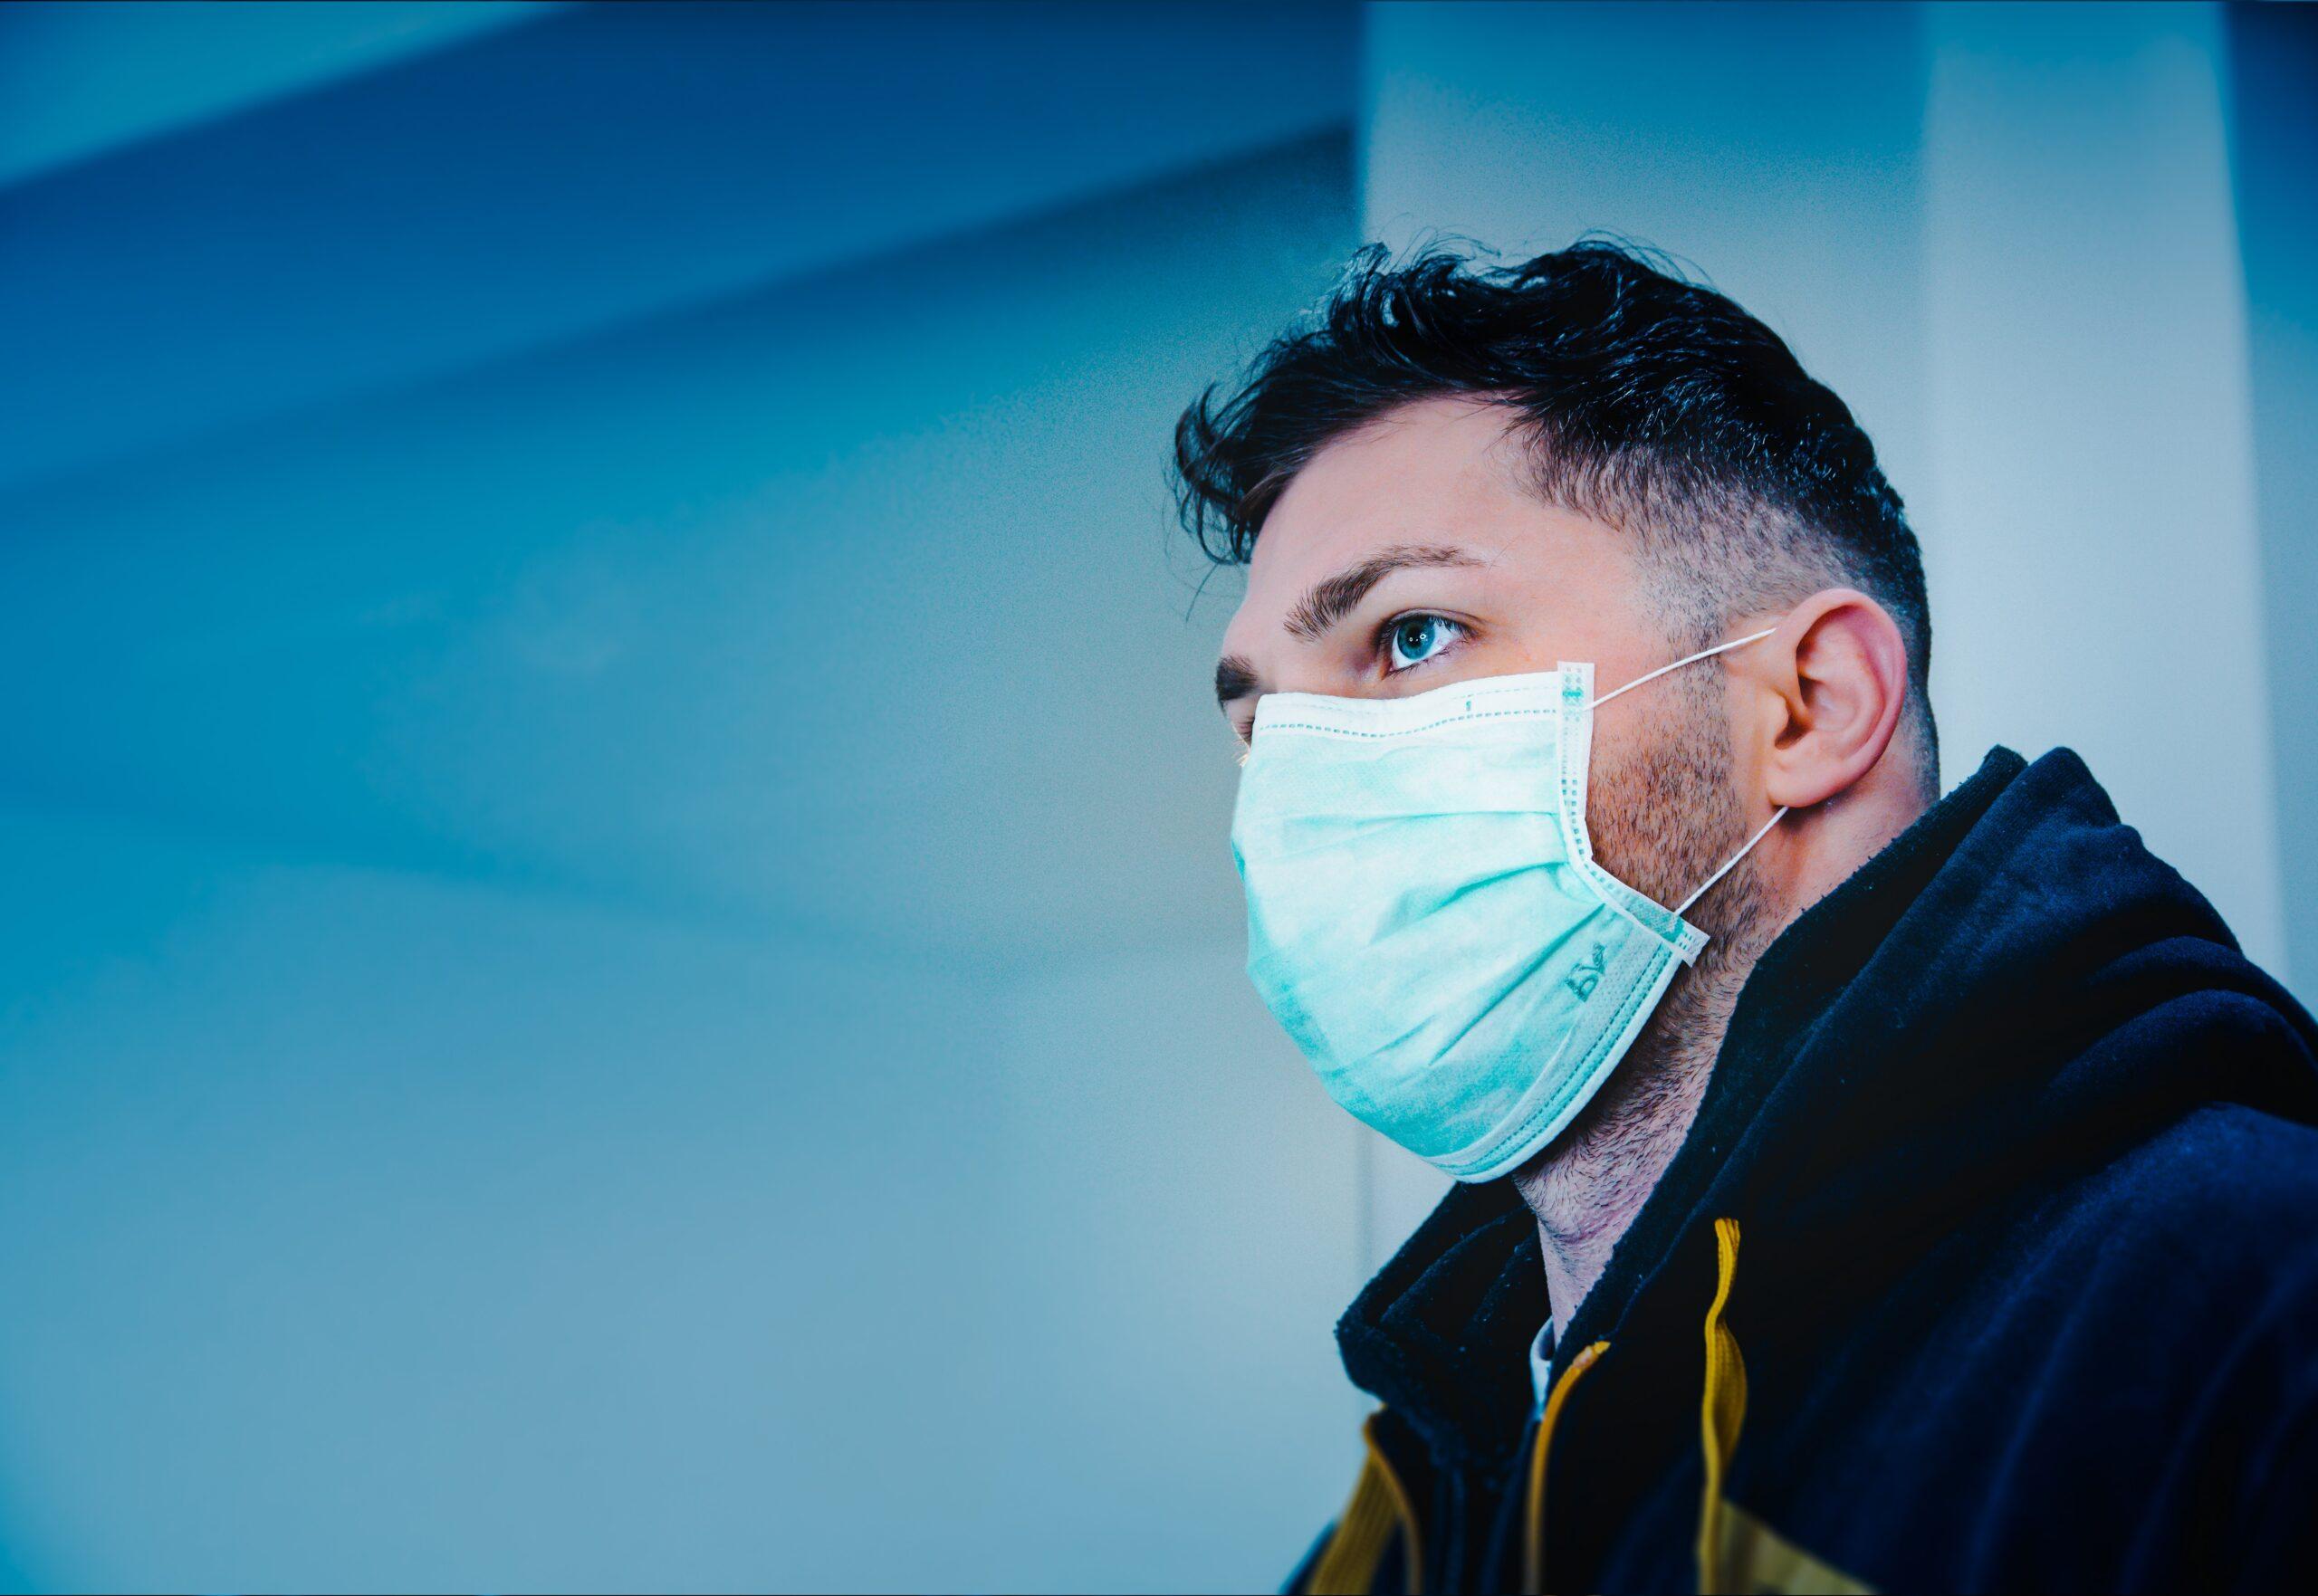 Irwin entrega máscaras descartáveis para funcionários e familiares